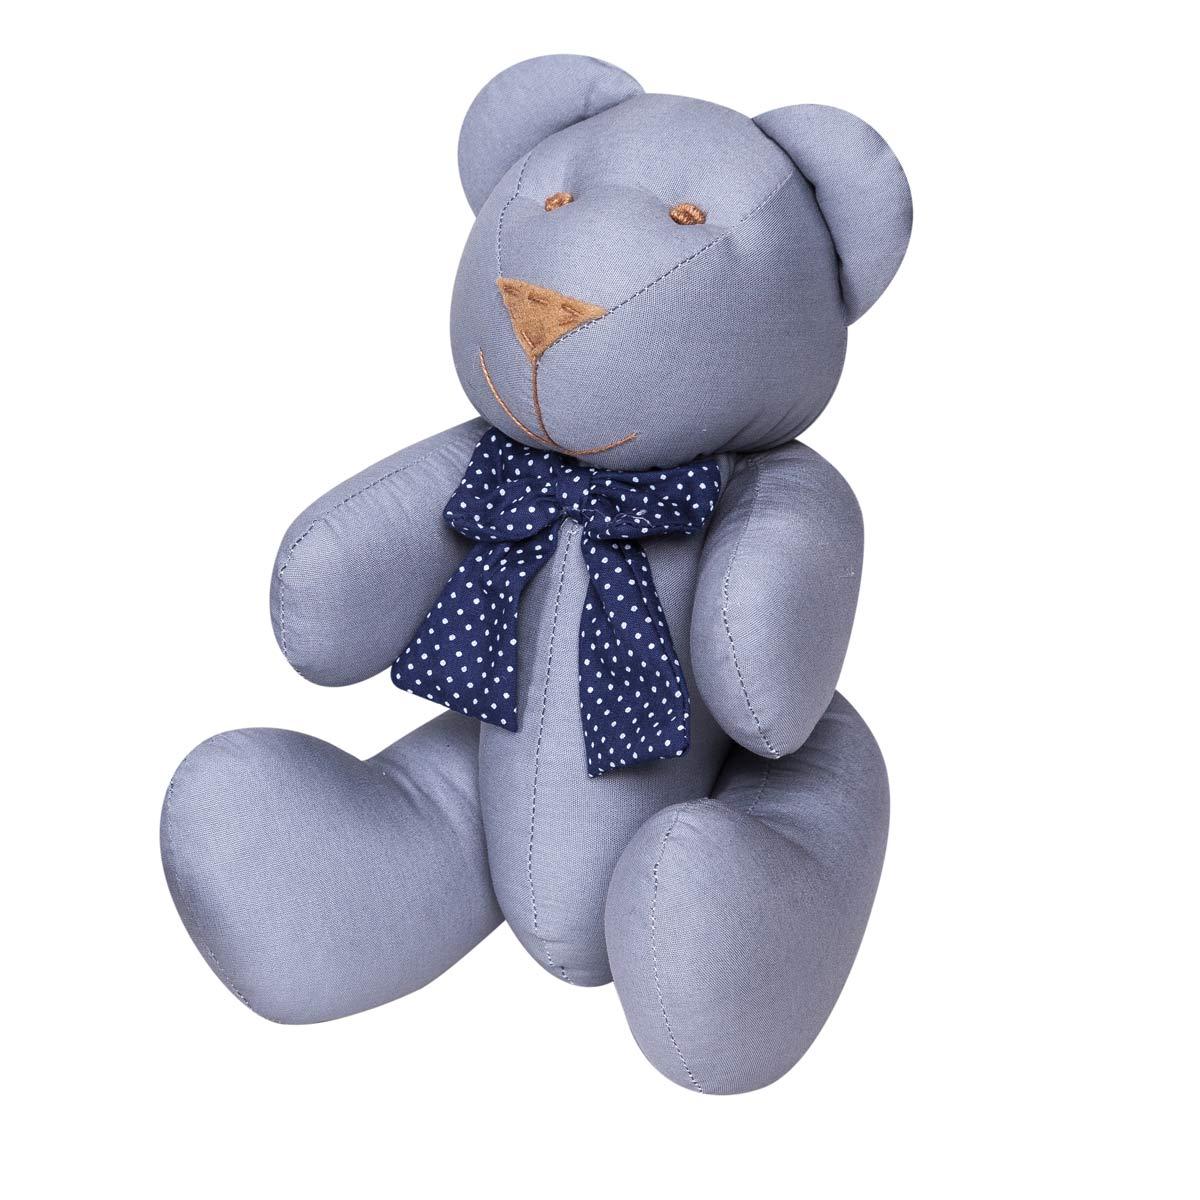 Enfeite Decorativo Urso G Coleção Futebol Azul  - 30cm